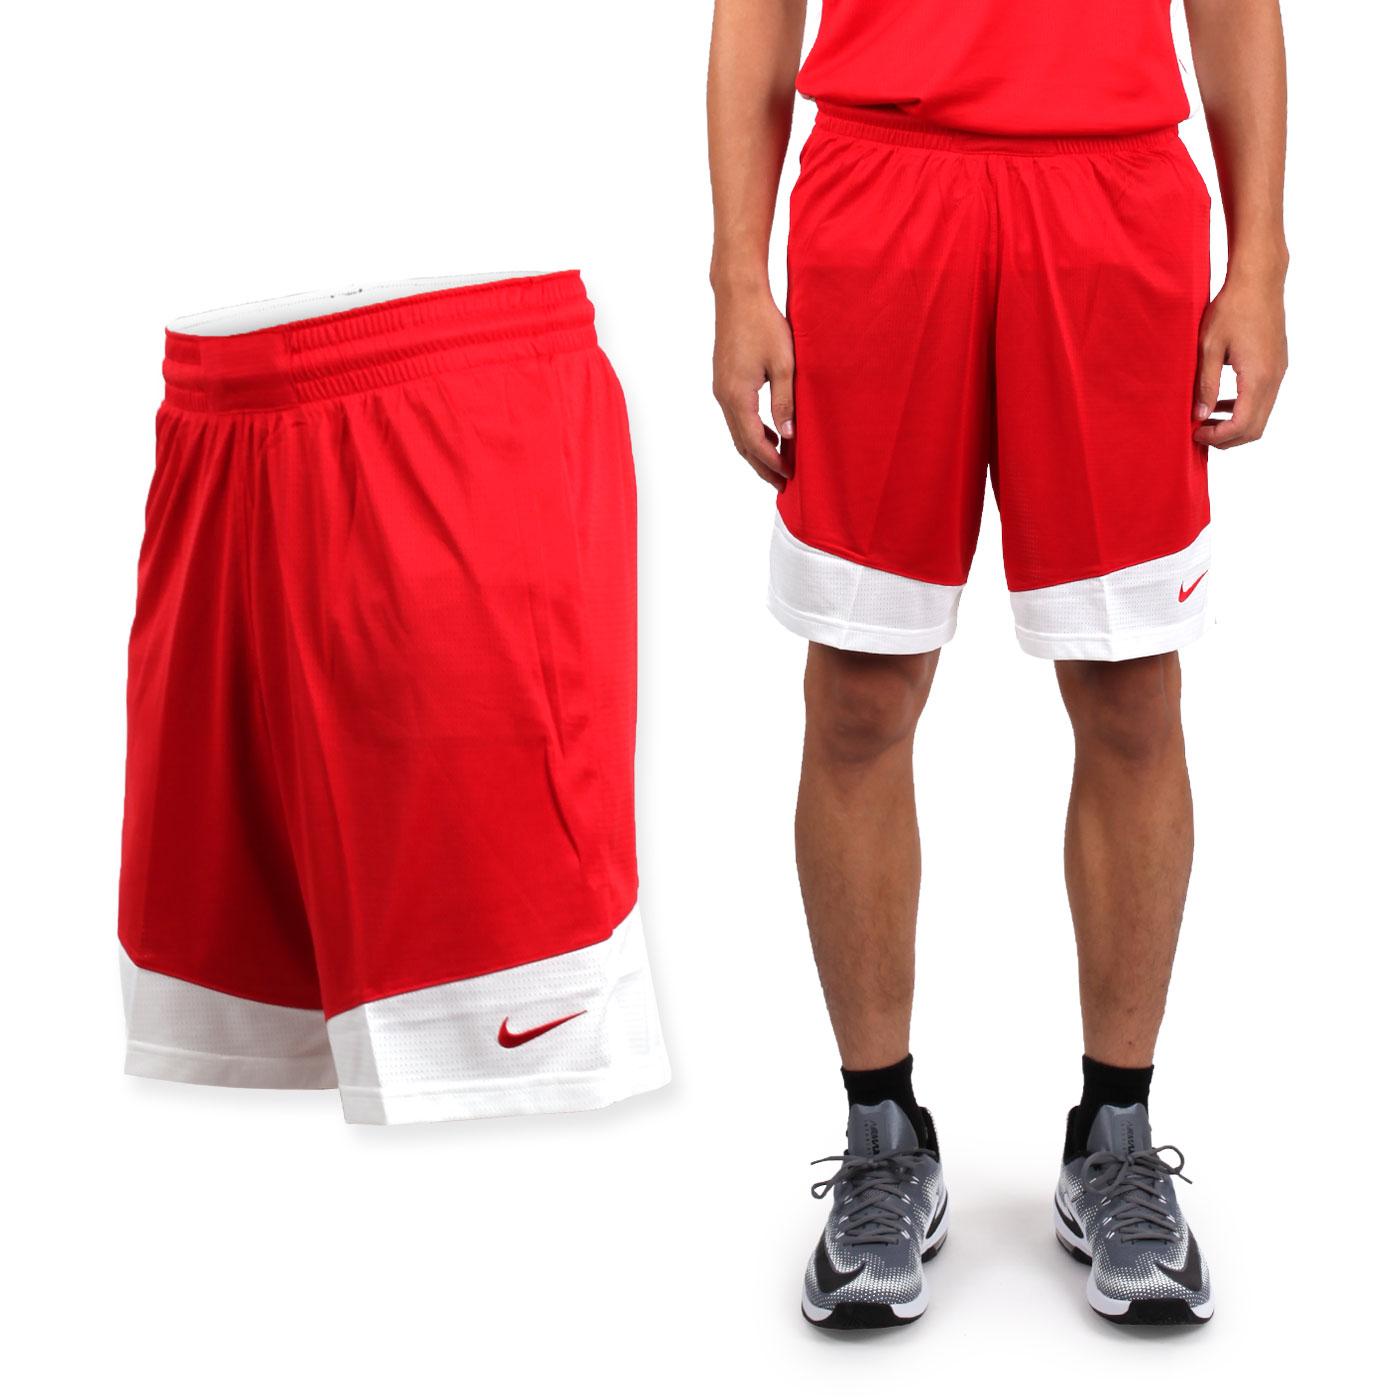 NIKE 男款籃球針織短褲 867769342 - 紅白